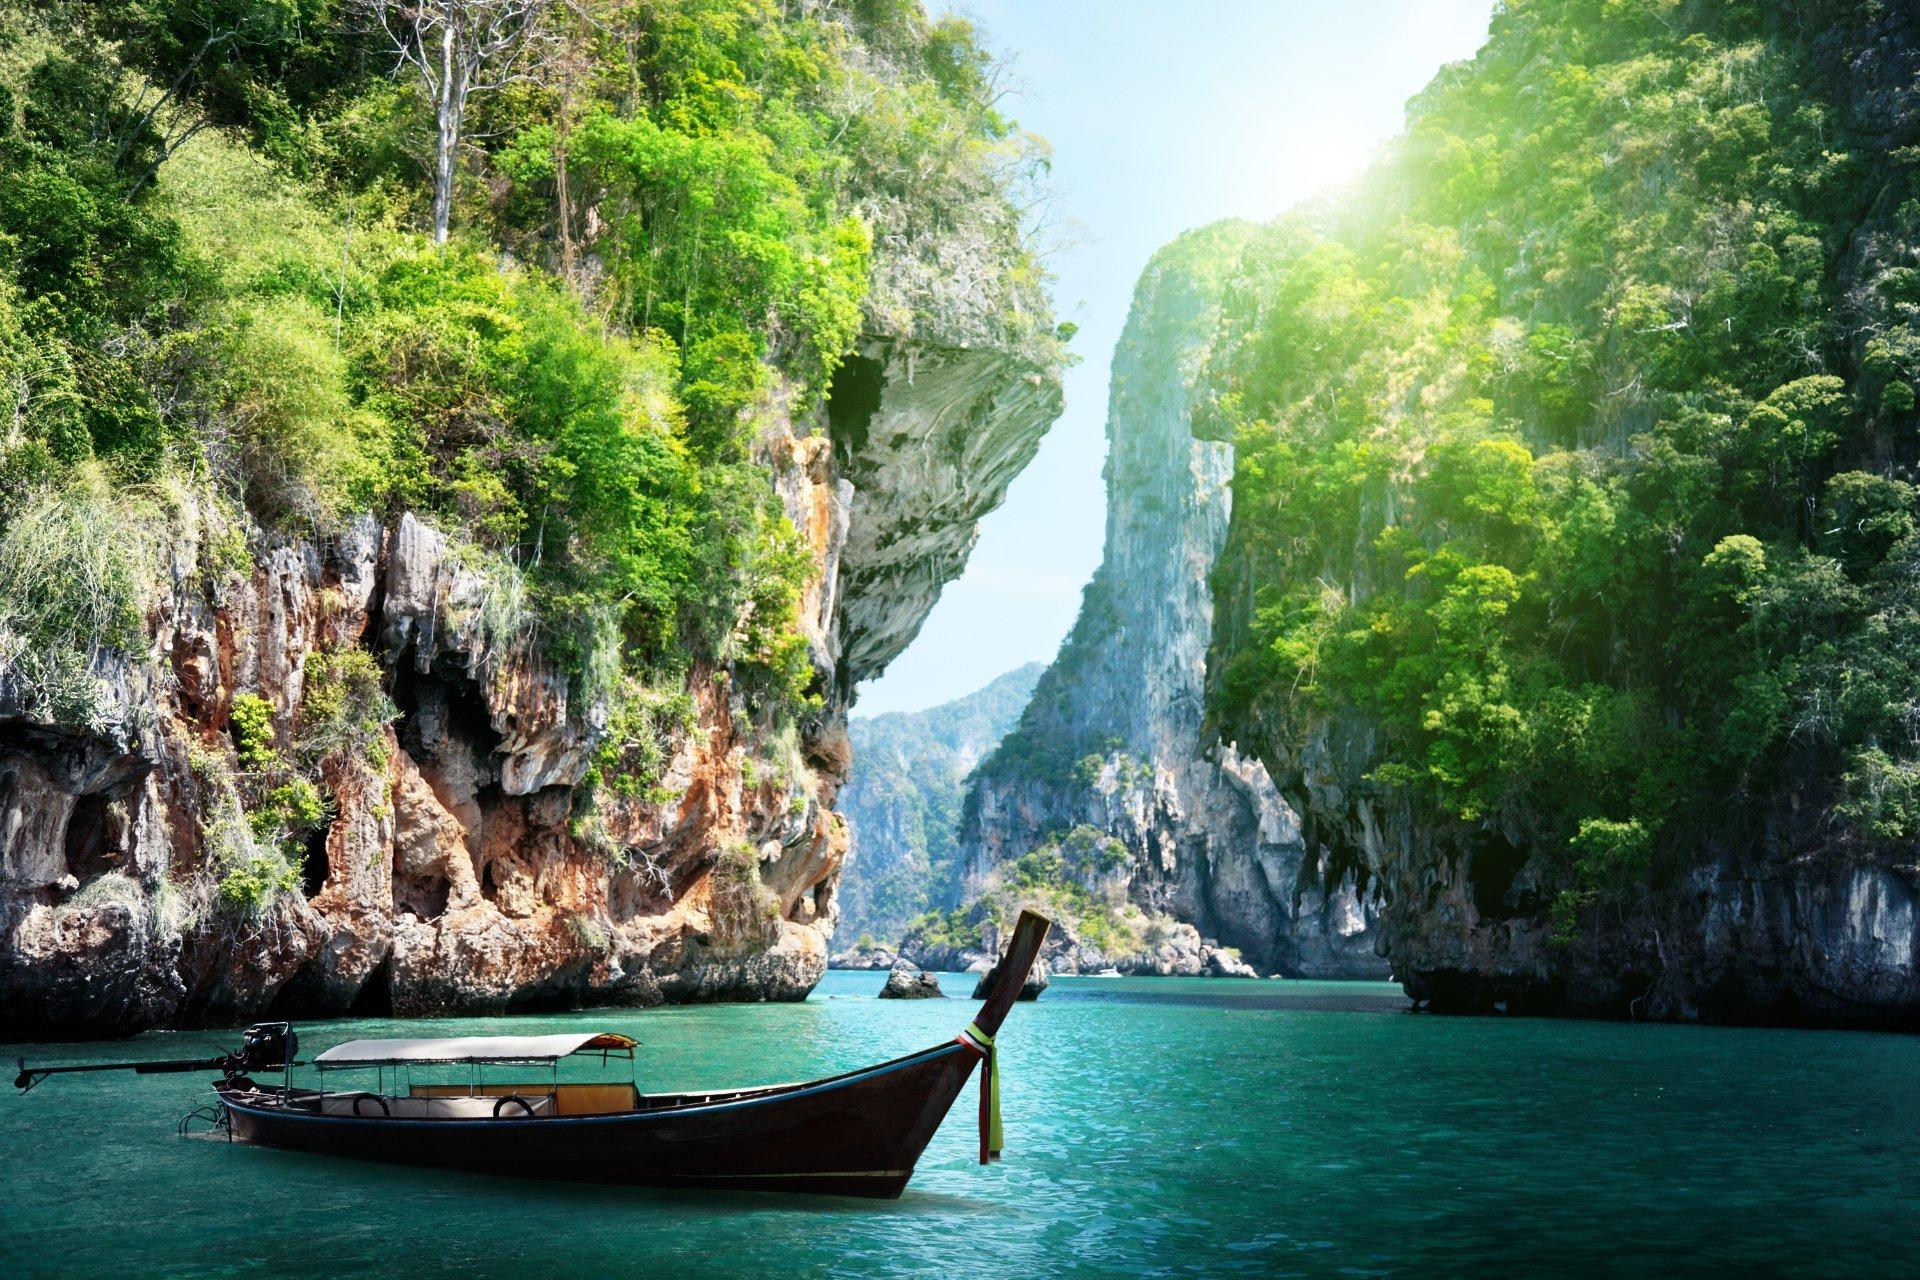 TAILANDIA SORPRENDENTE CON ANGKOR y KRABI